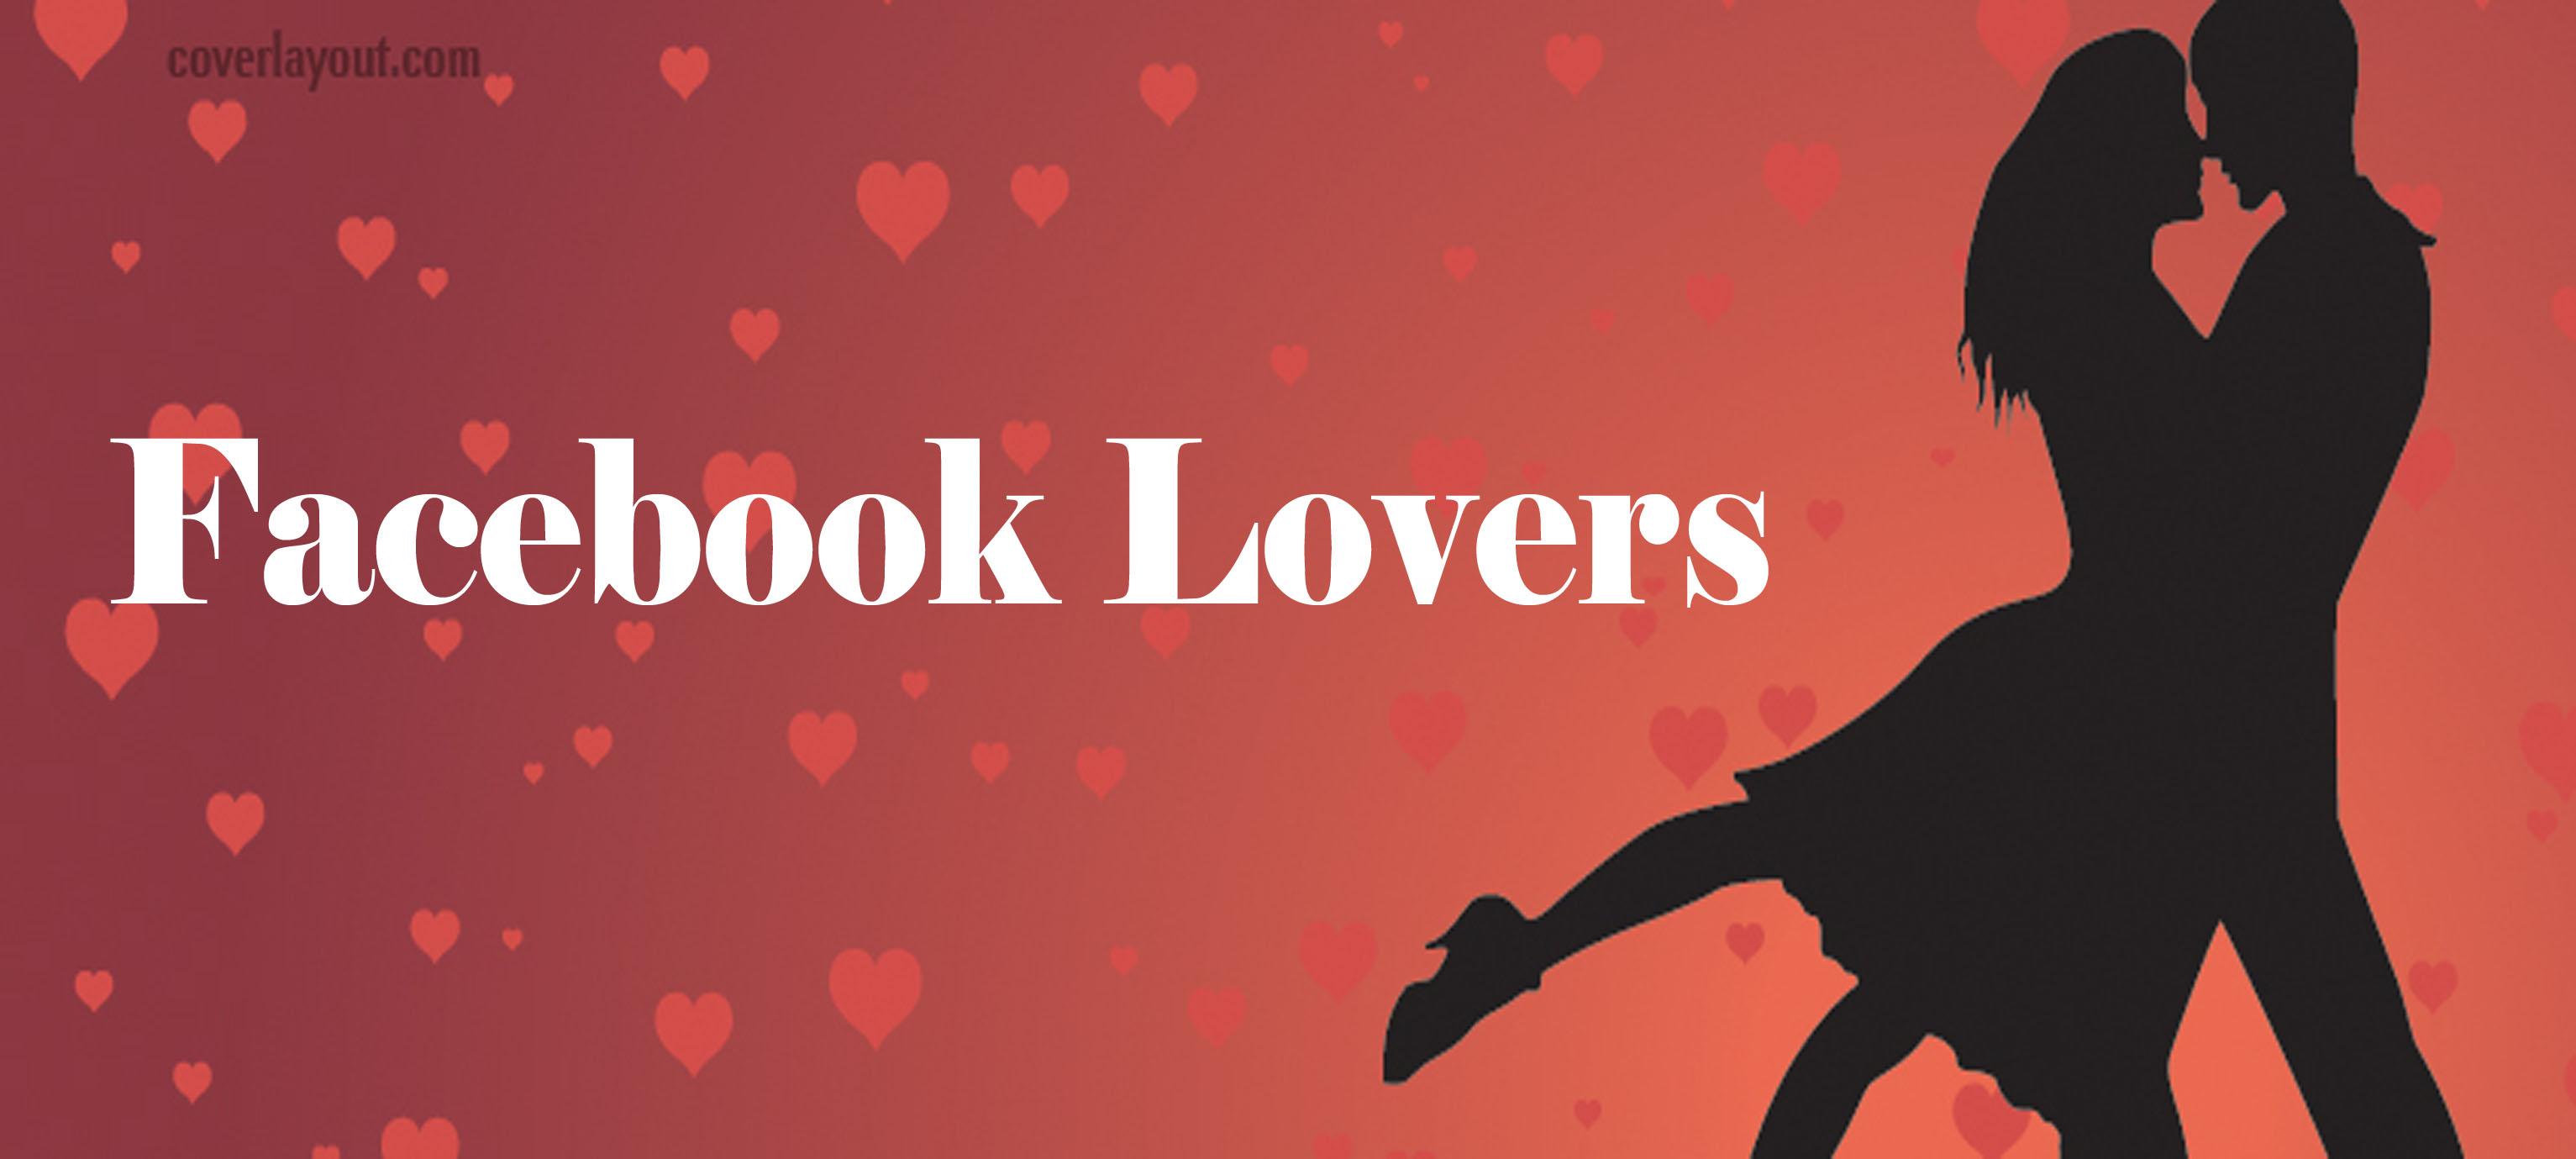 Facebook Lovers – Facebook Lovers & Friends